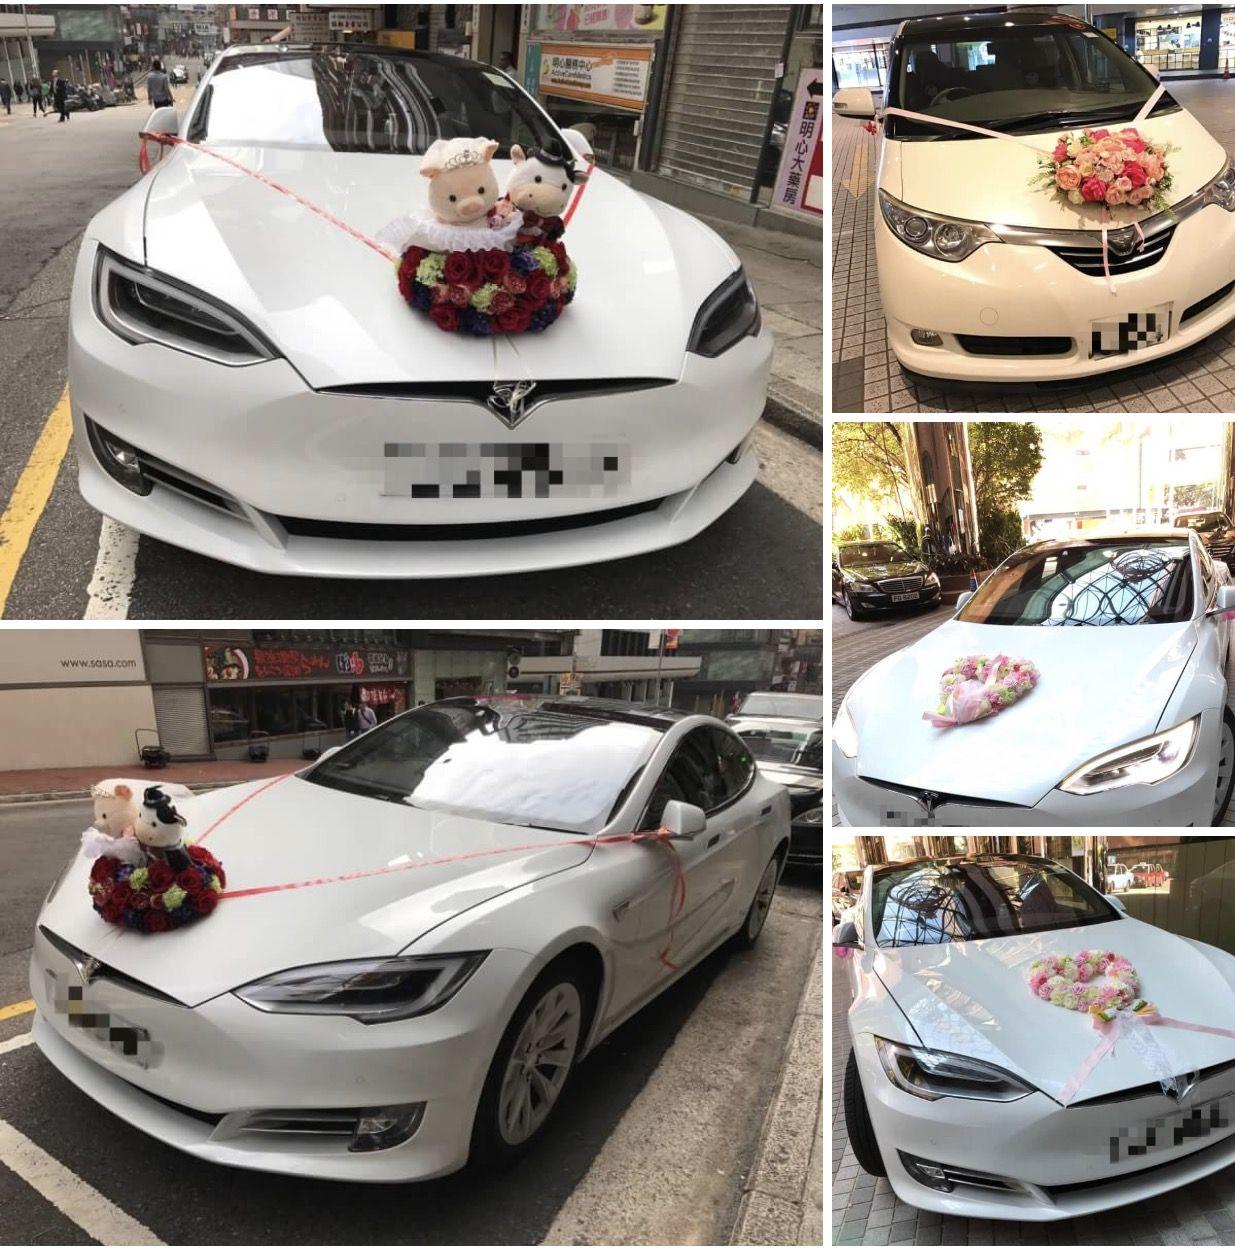 花車又出動啦 你哋揀咗未呢 歡迎查詢 Tesla 花車 Tesla花車